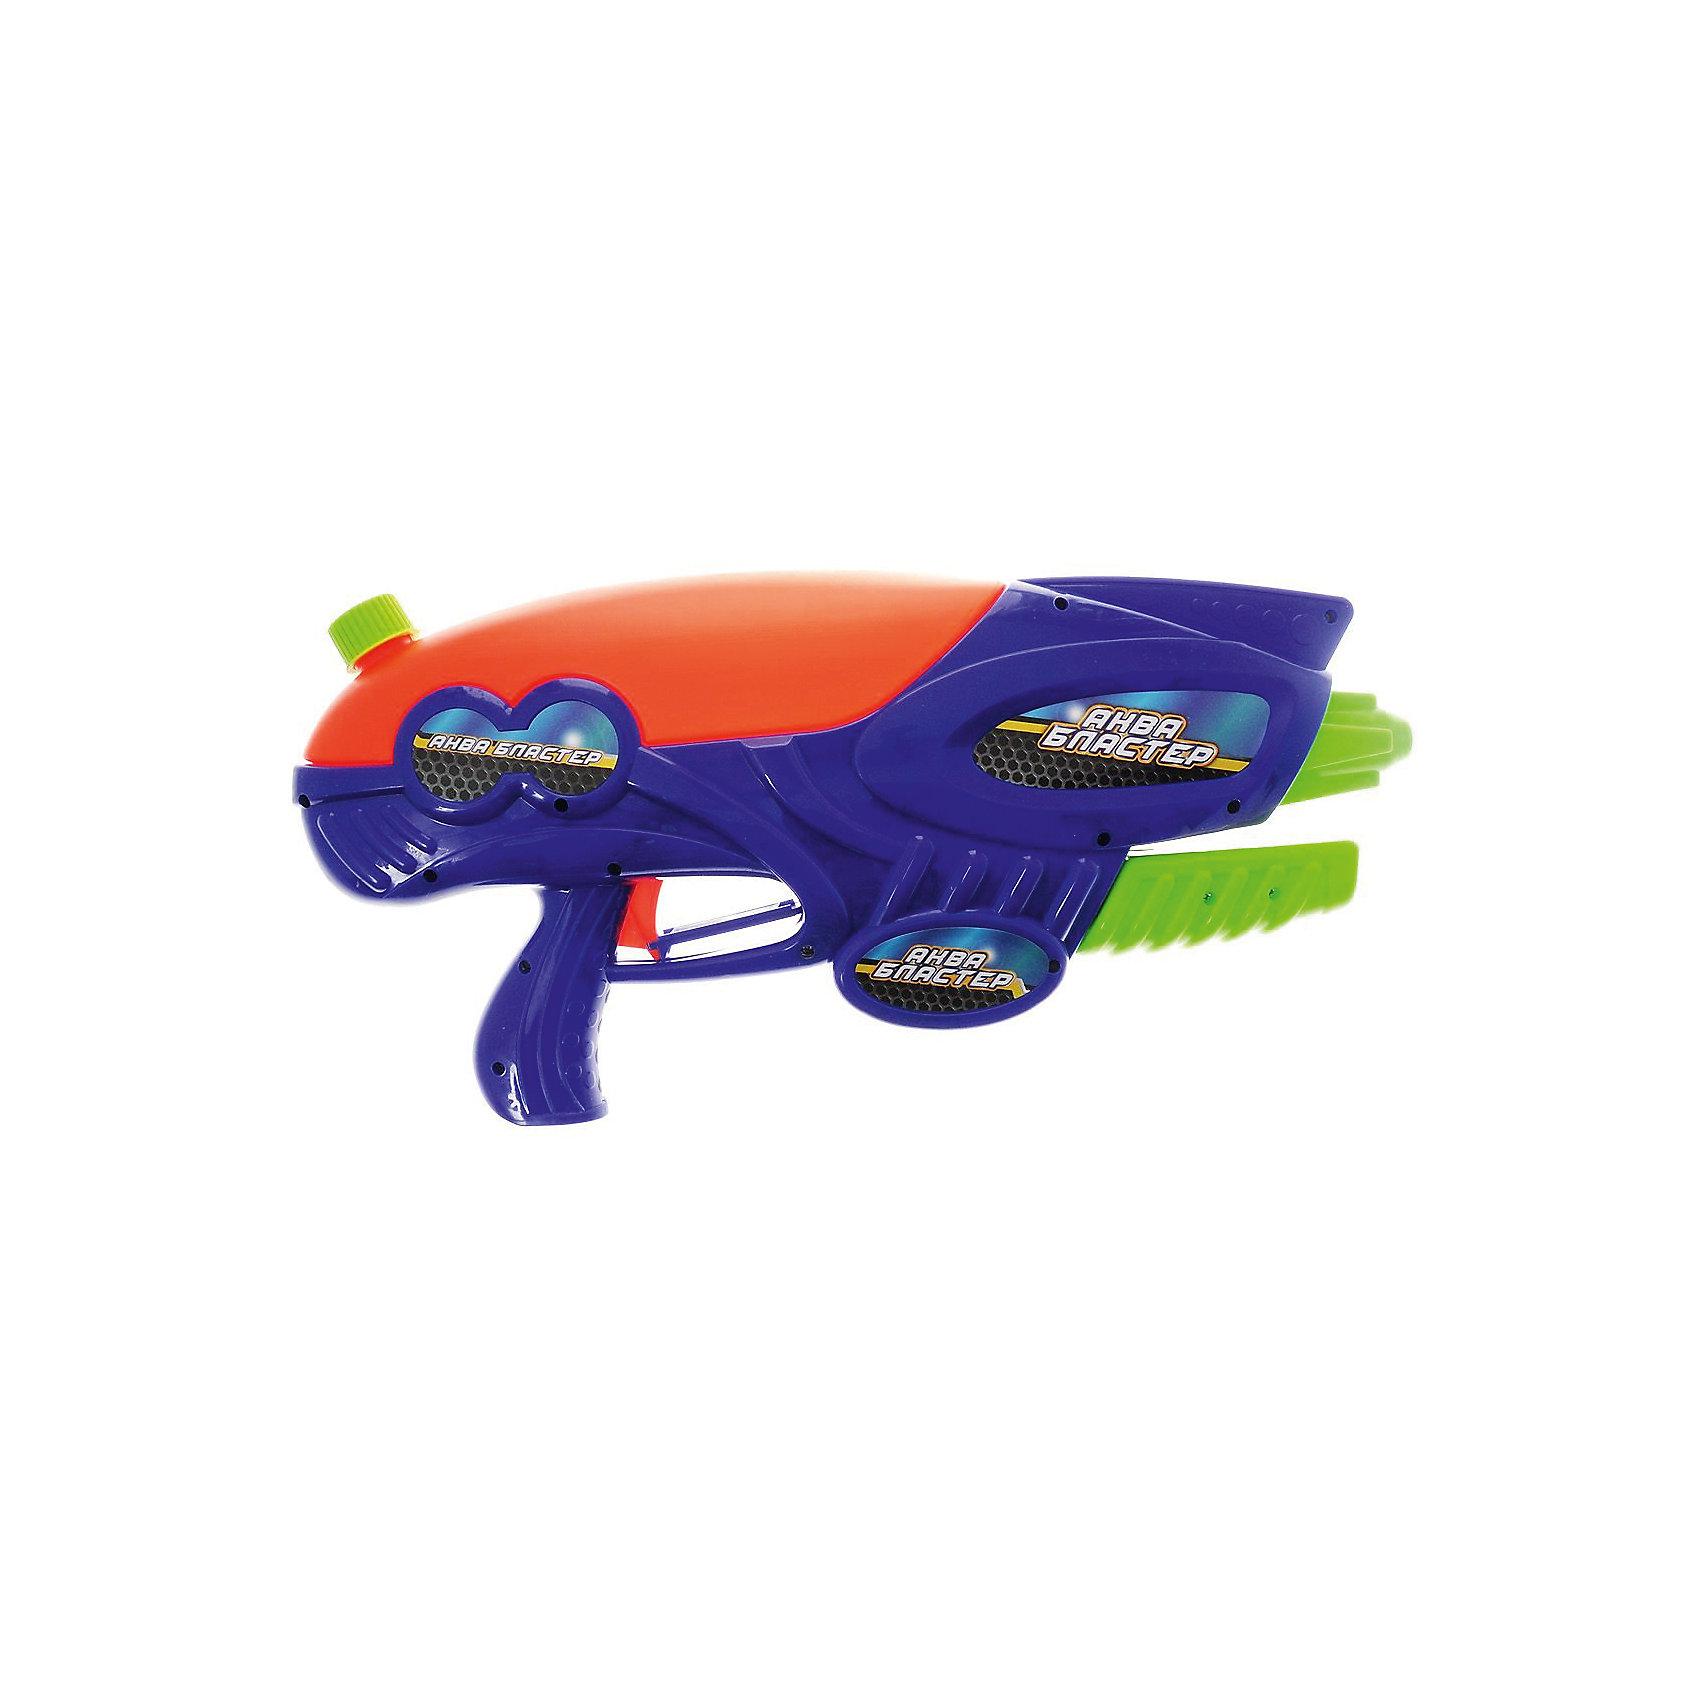 Водное оружие Аквабластер, 800 мл, ABtoysИгрушечное оружие<br>Водное оружие Аквабластер,800 мл, в пакете, 41x7x20,5 см<br><br>Ширина мм: 410<br>Глубина мм: 70<br>Высота мм: 205<br>Вес г: 420<br>Возраст от месяцев: 36<br>Возраст до месяцев: 144<br>Пол: Мужской<br>Возраст: Детский<br>SKU: 5500950